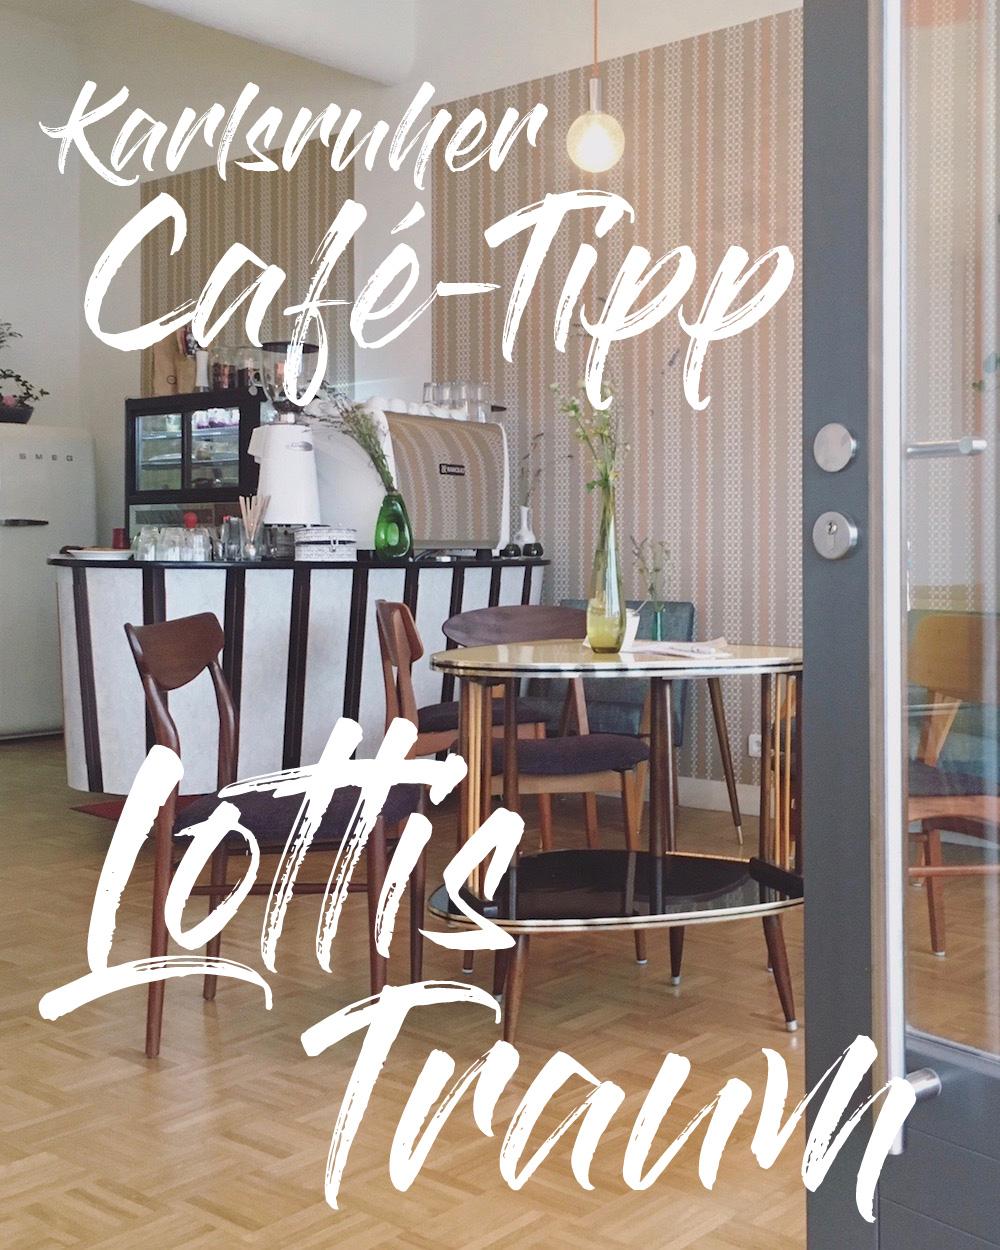 Vintage-Cafe Lottis Traum in der Hirschstraße in Karlsruhe